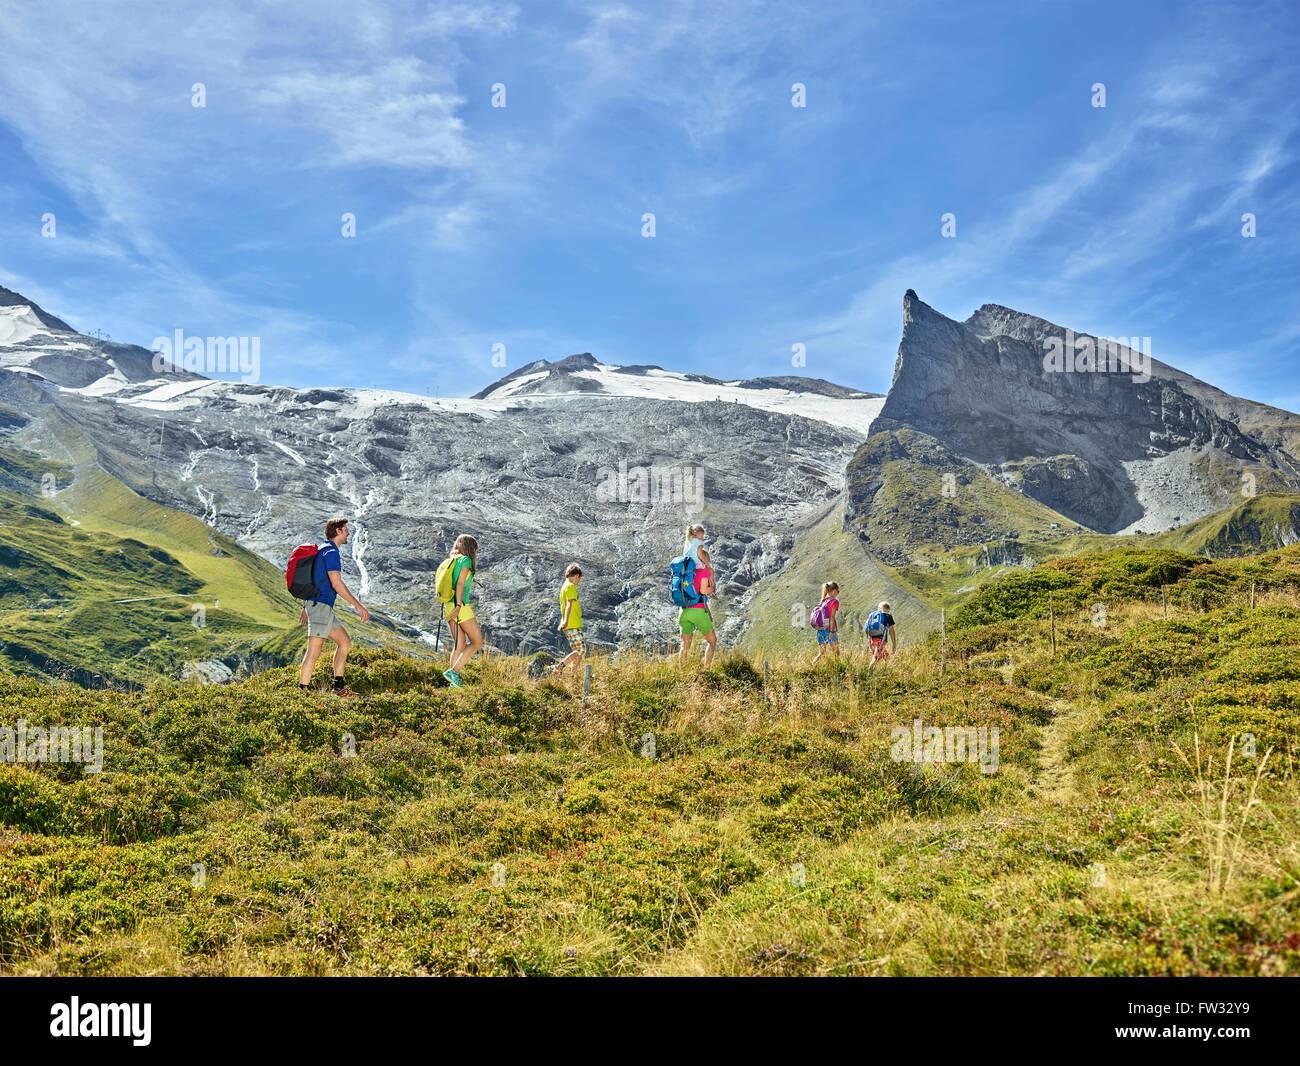 Familia con cinco niños senderismo en frente de un paisaje de montaña, Mijdrecht, Zillertal, Tirol, Austria Imagen De Stock